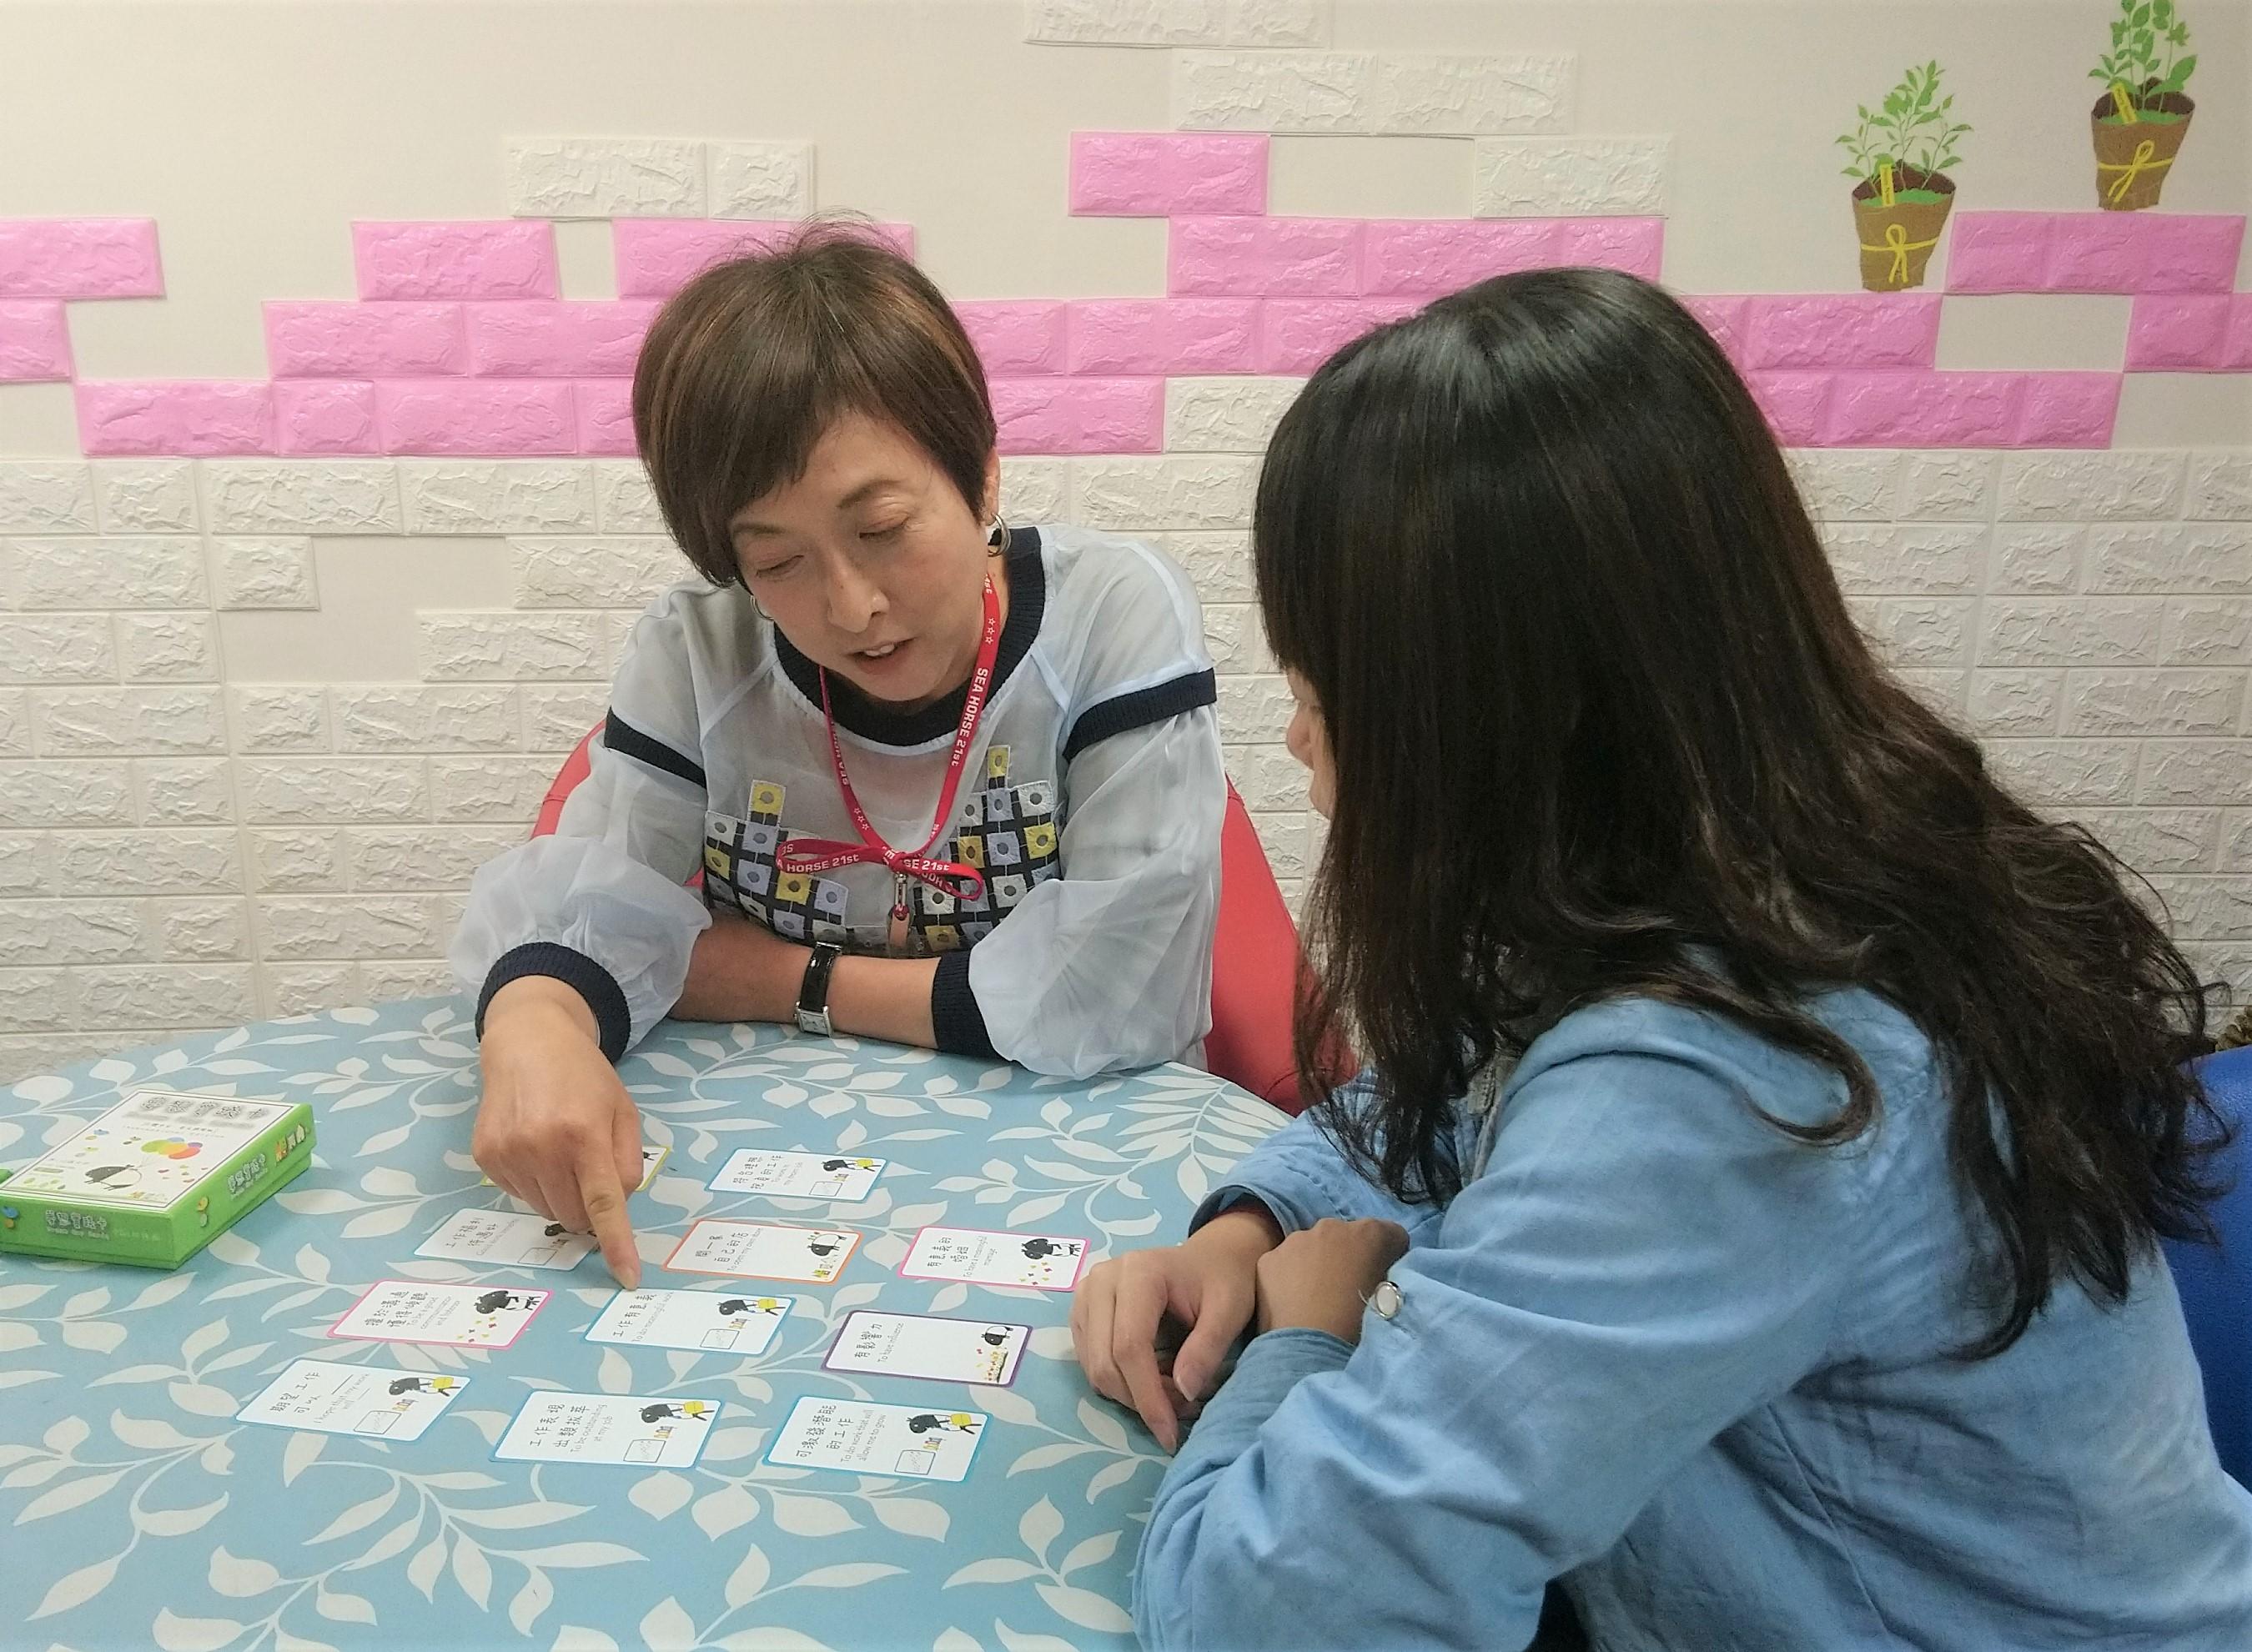 駐點輔導老師運用夢想實踐卡找出青年的價值與目標(非個案本人)